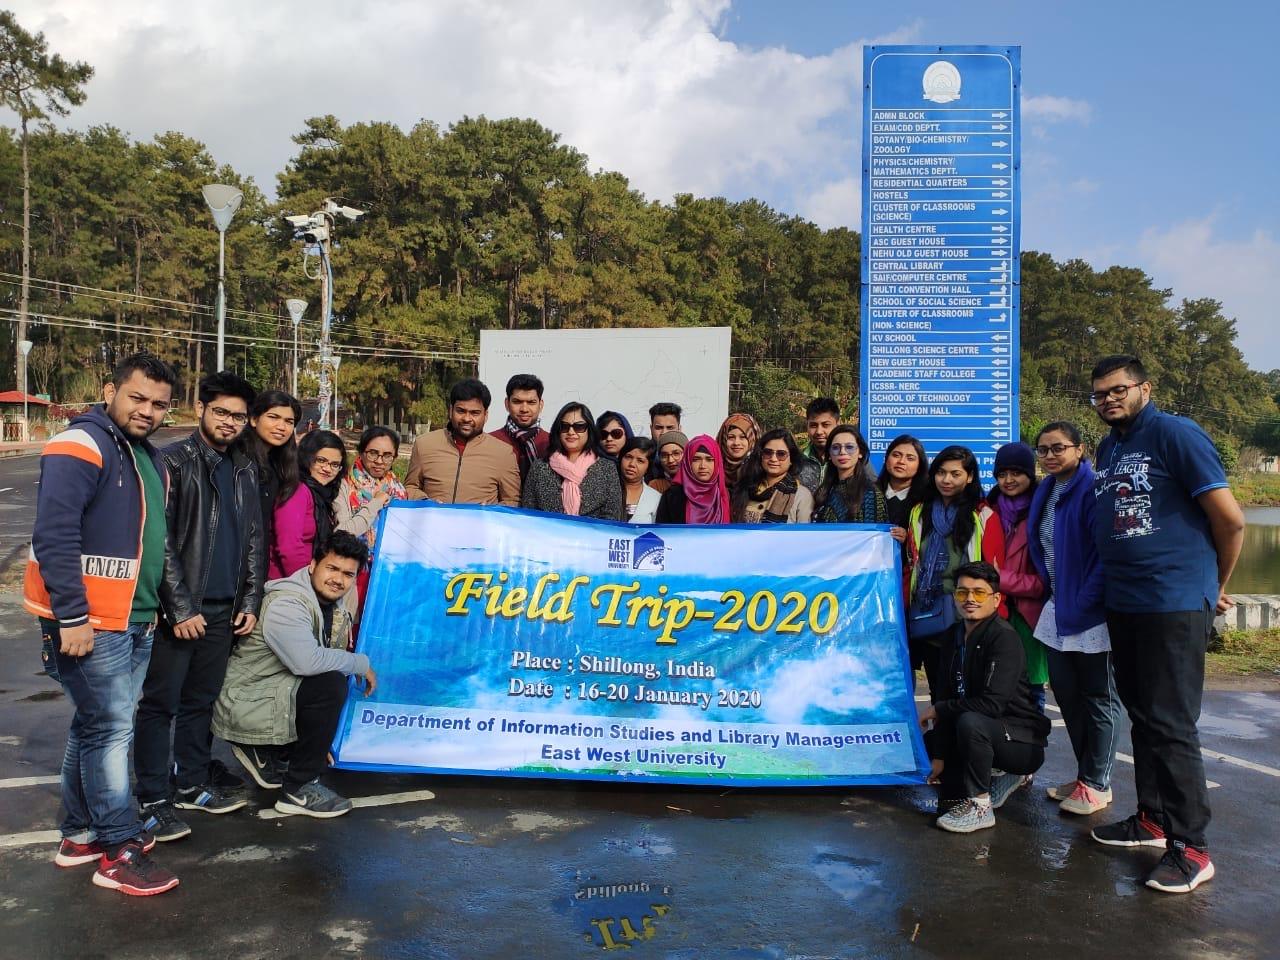 Field Trip 2020